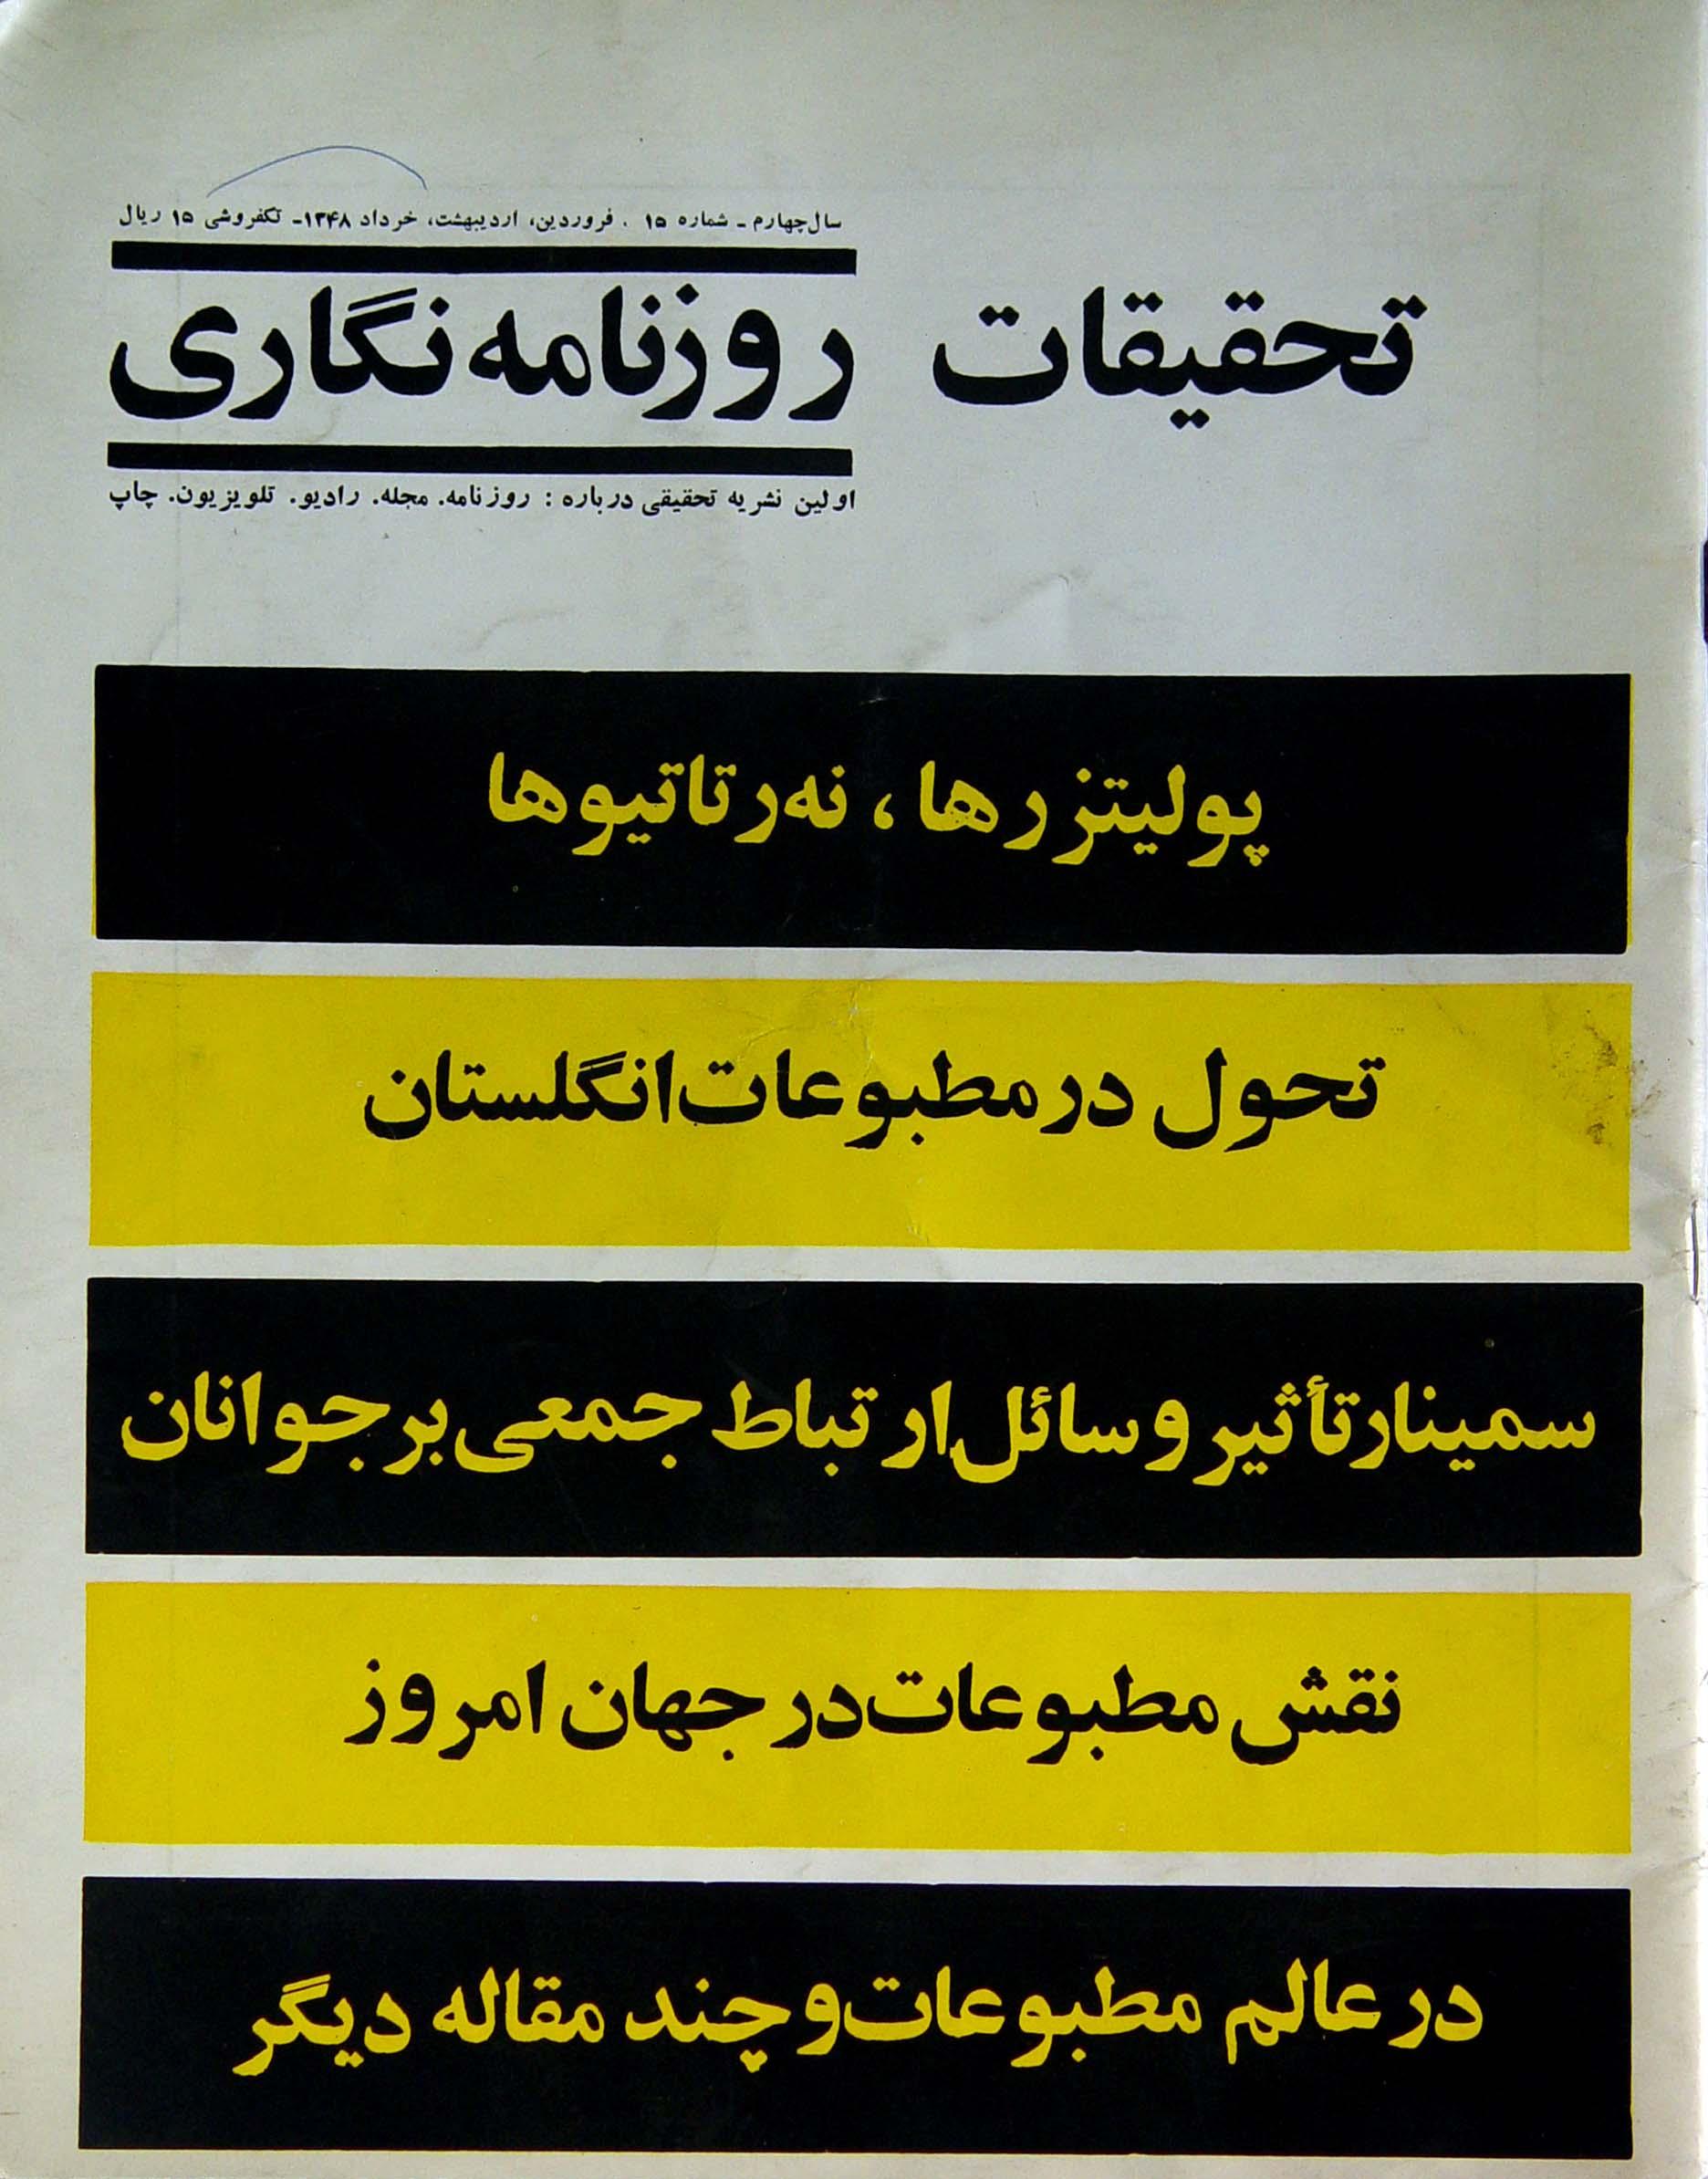 مجله تحقیقات روزنامه نگاری، شماره ۱۵